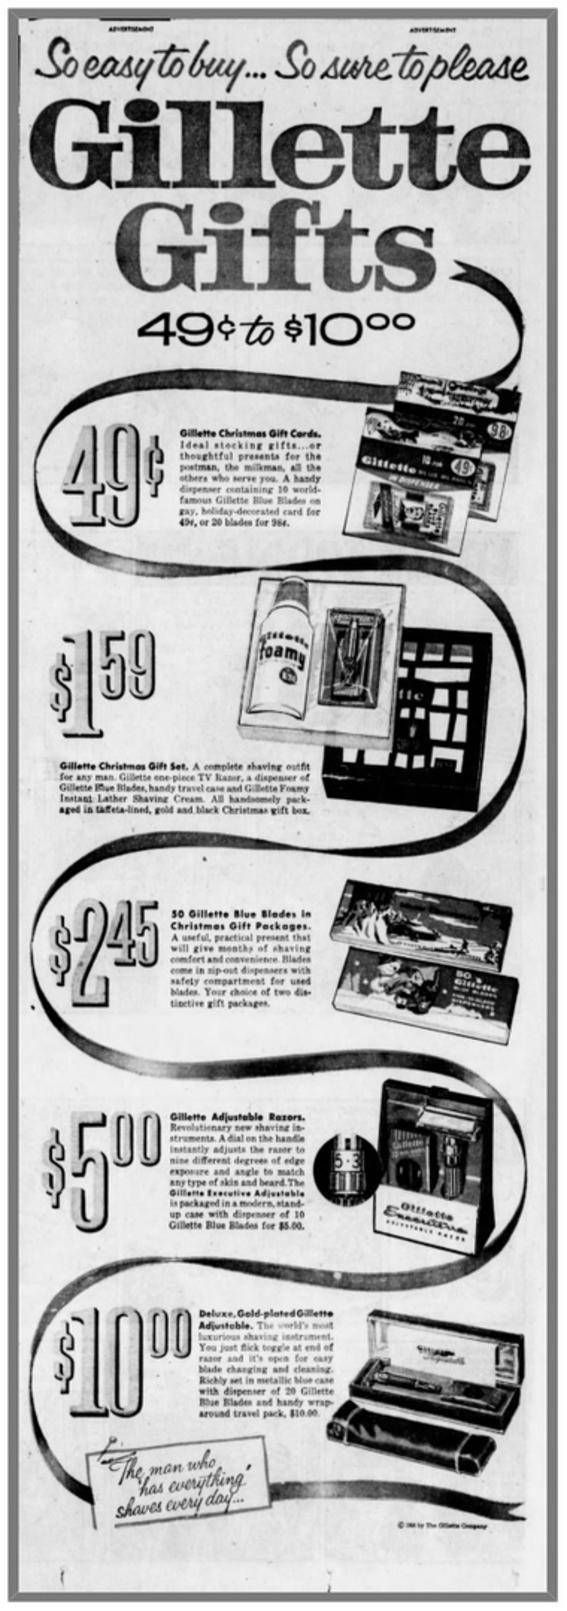 Executive Fatboy advertisement 12-7-1958 The Orlando Sentinal (P128)